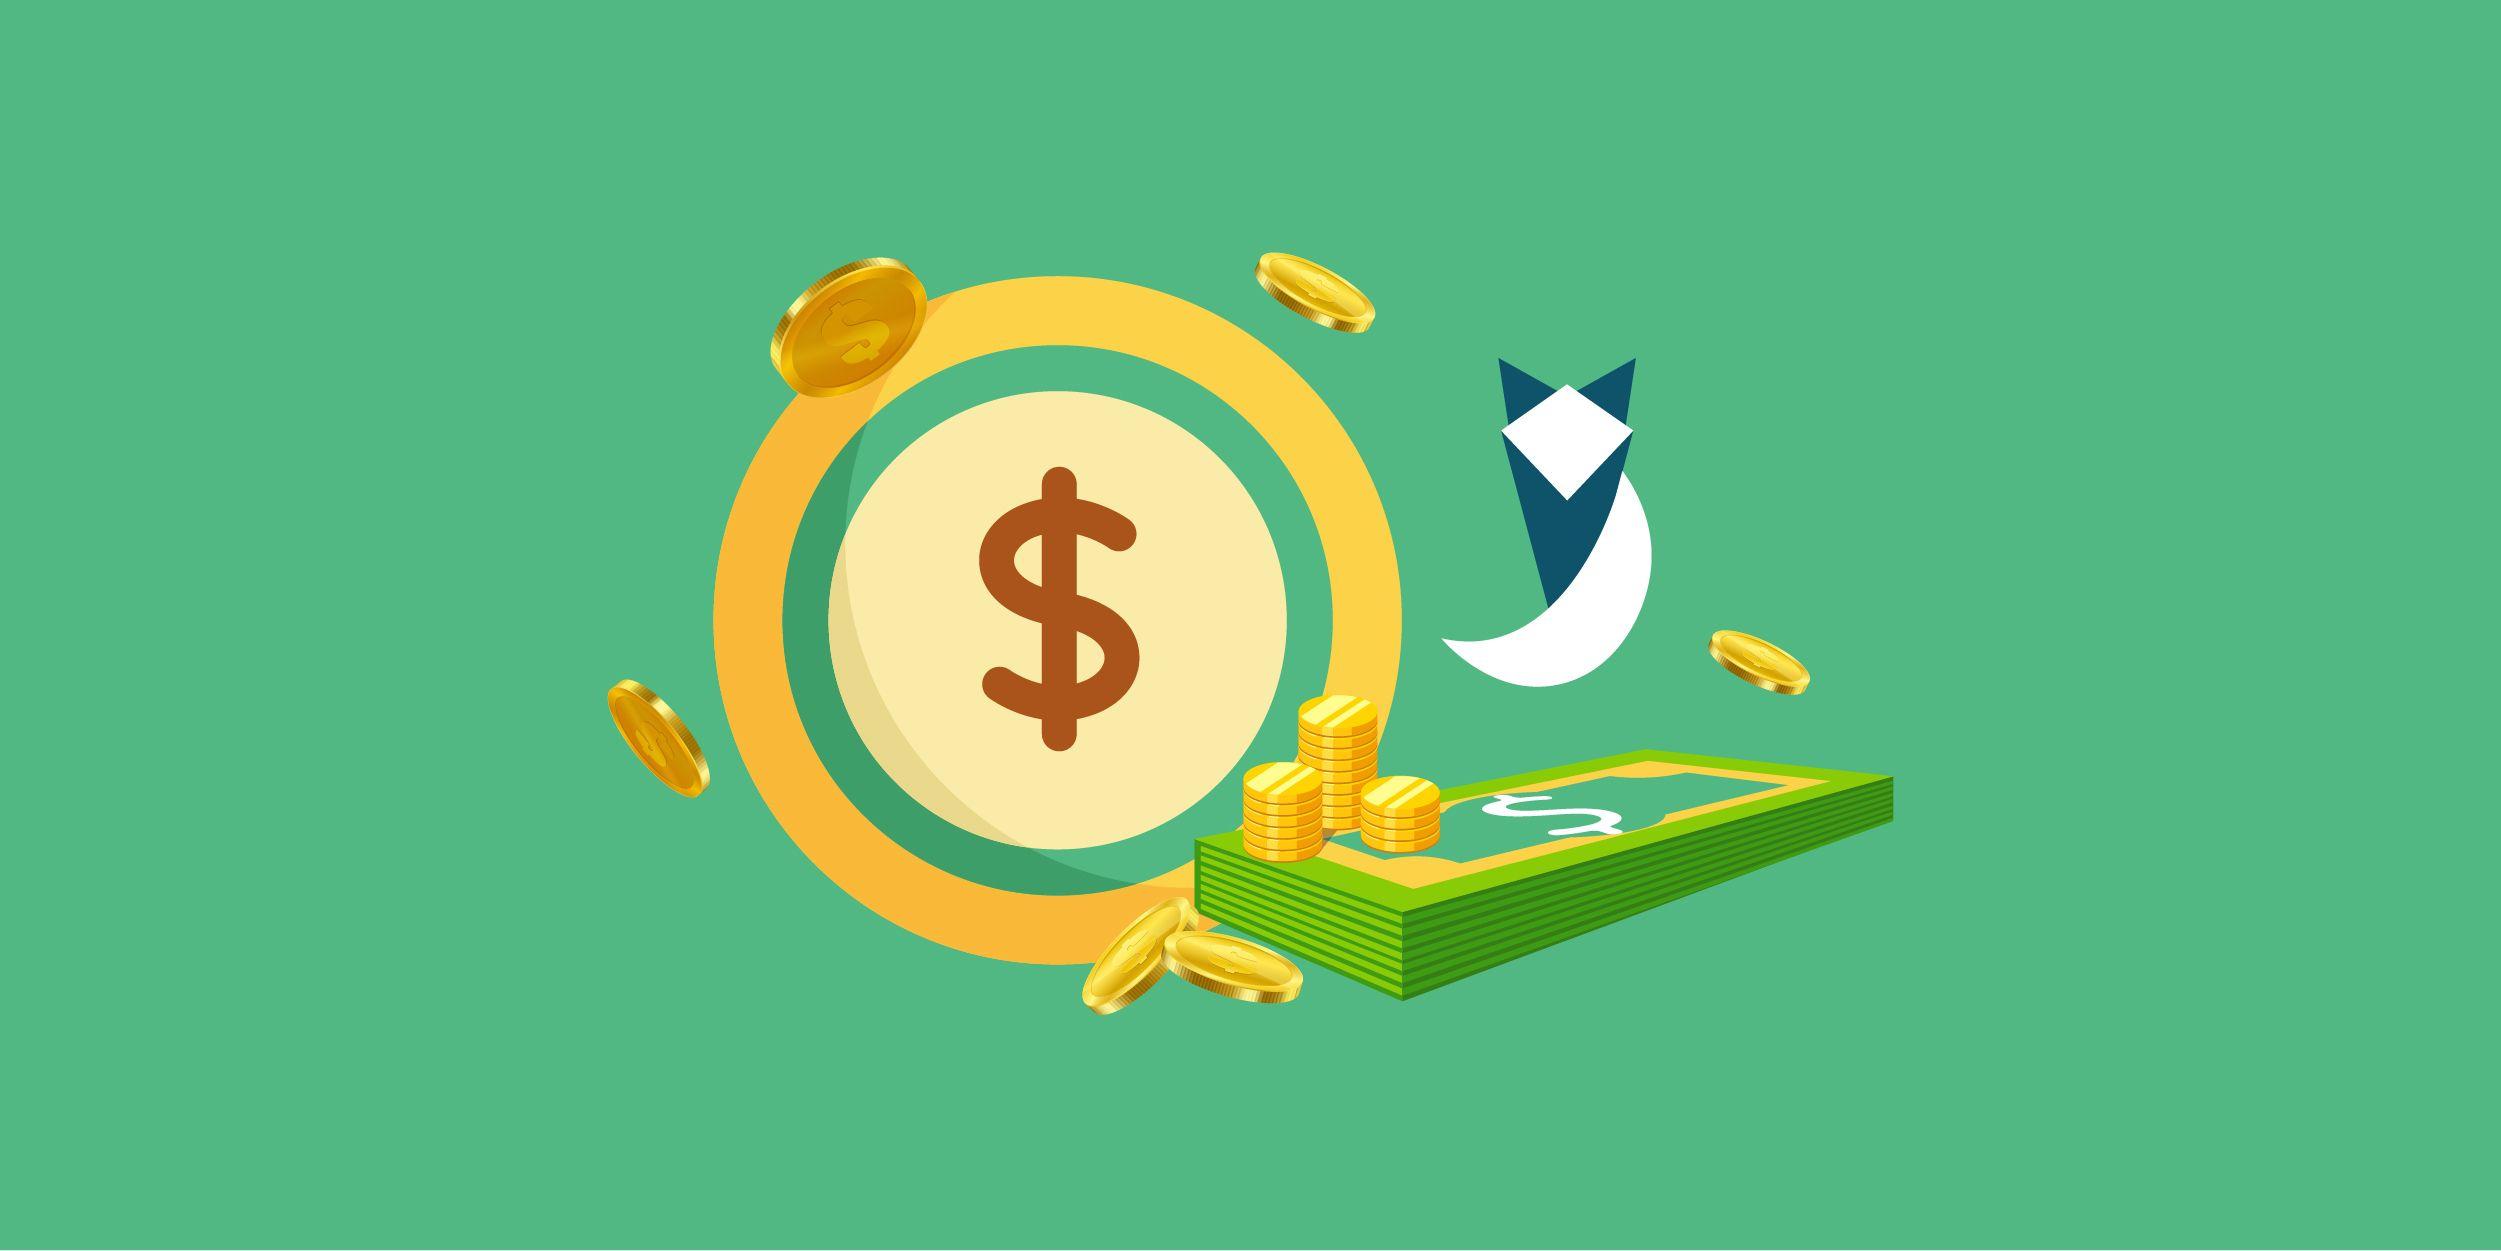 اليوم العالمي للدولار الأمريكي وأسرار أشهر عملة فى العالم